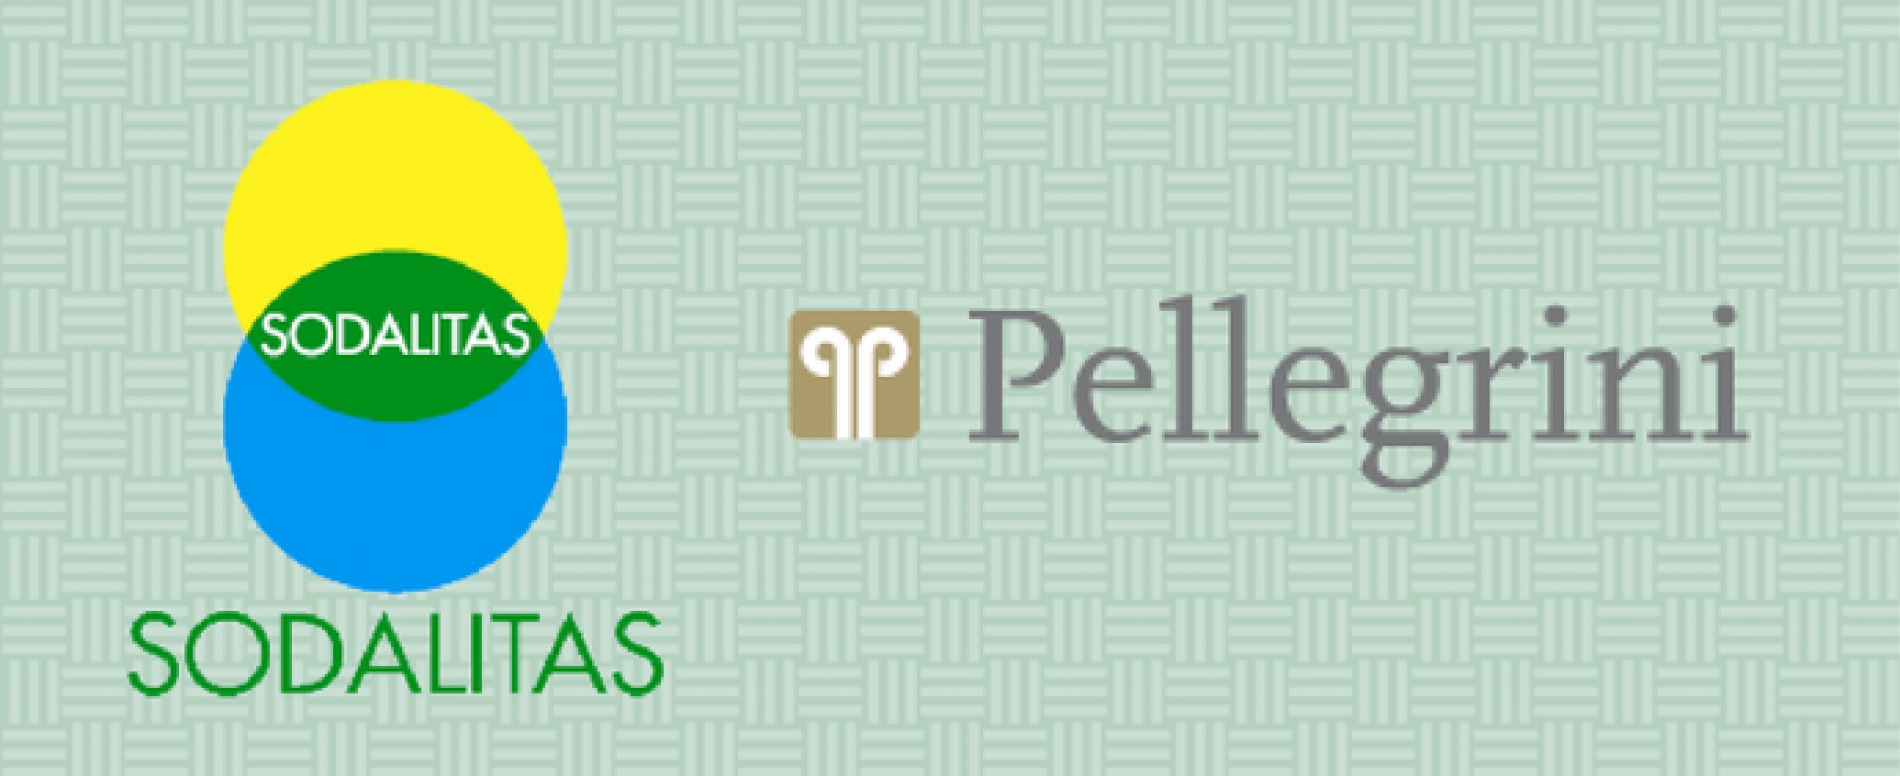 Pellegrini SpA aderisce a Fondazione Sodalitas